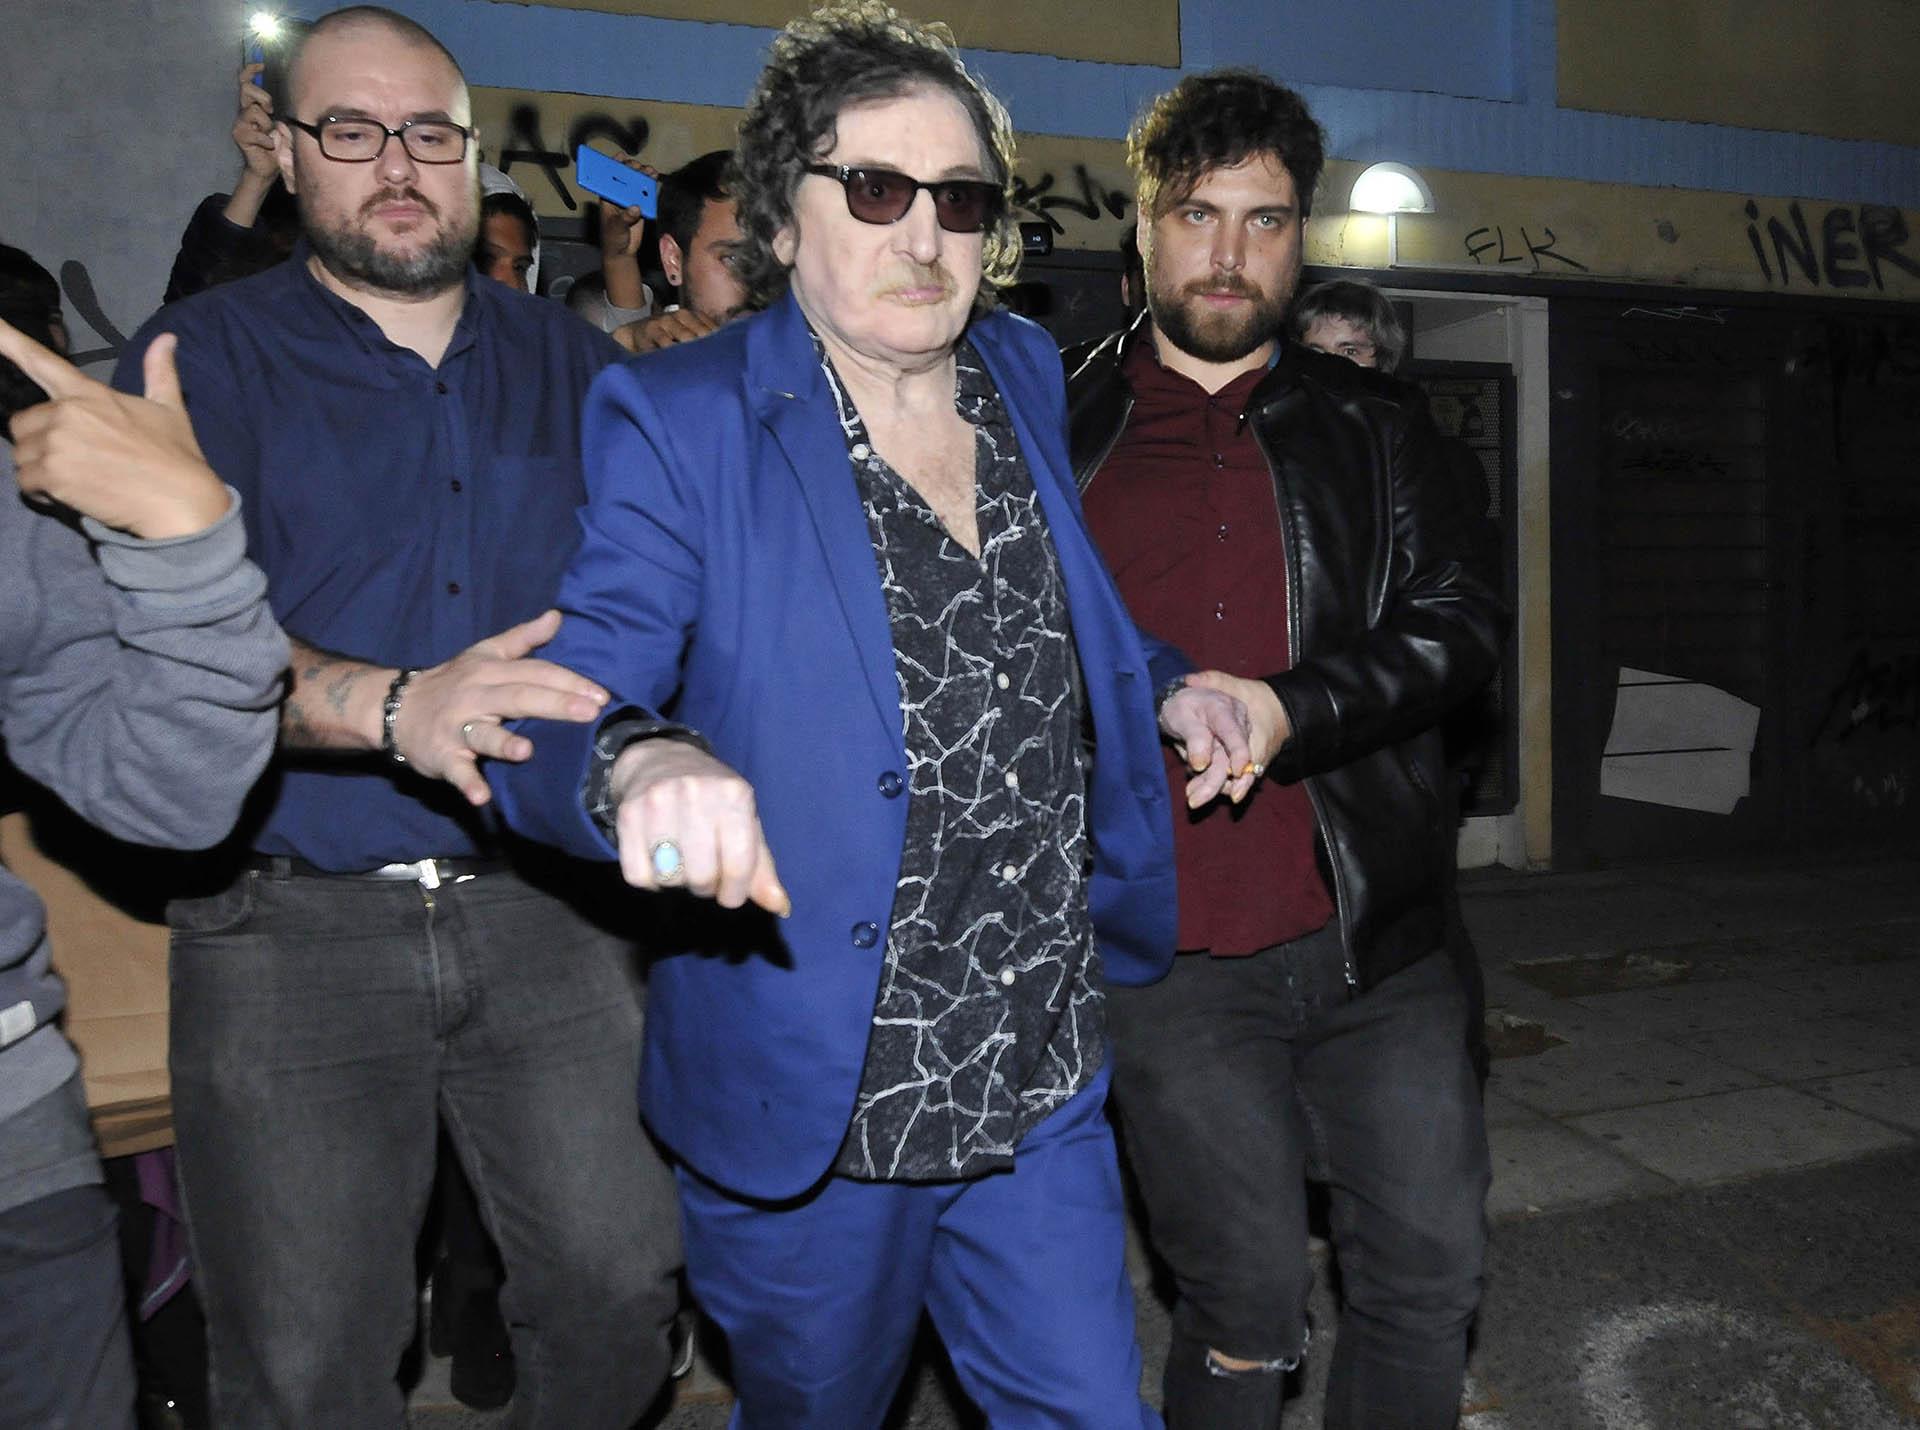 La leyenda del rock se cambió de traje antes de encontrarse con sus amigos